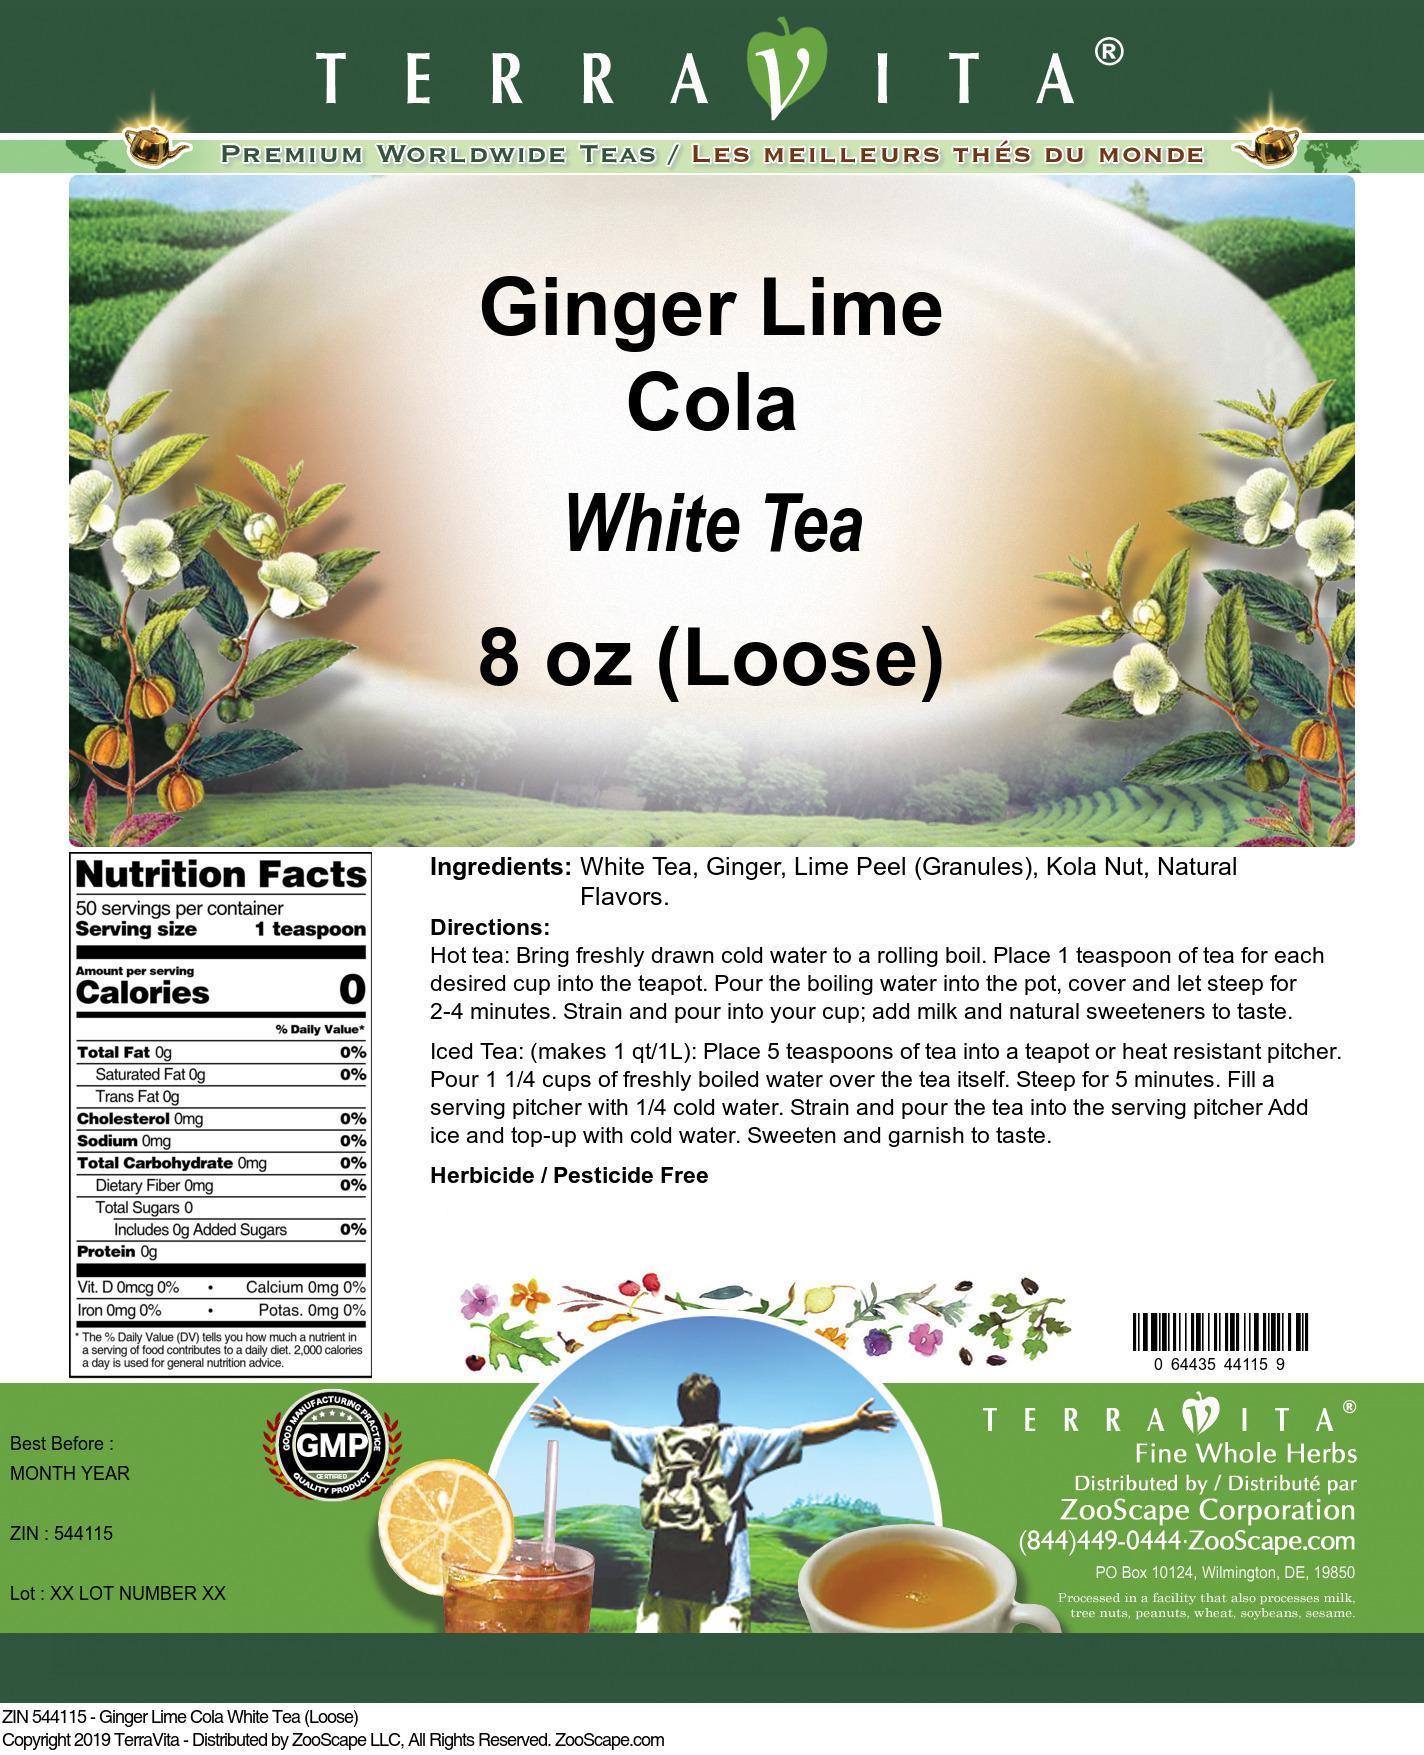 Ginger Lime Cola White Tea